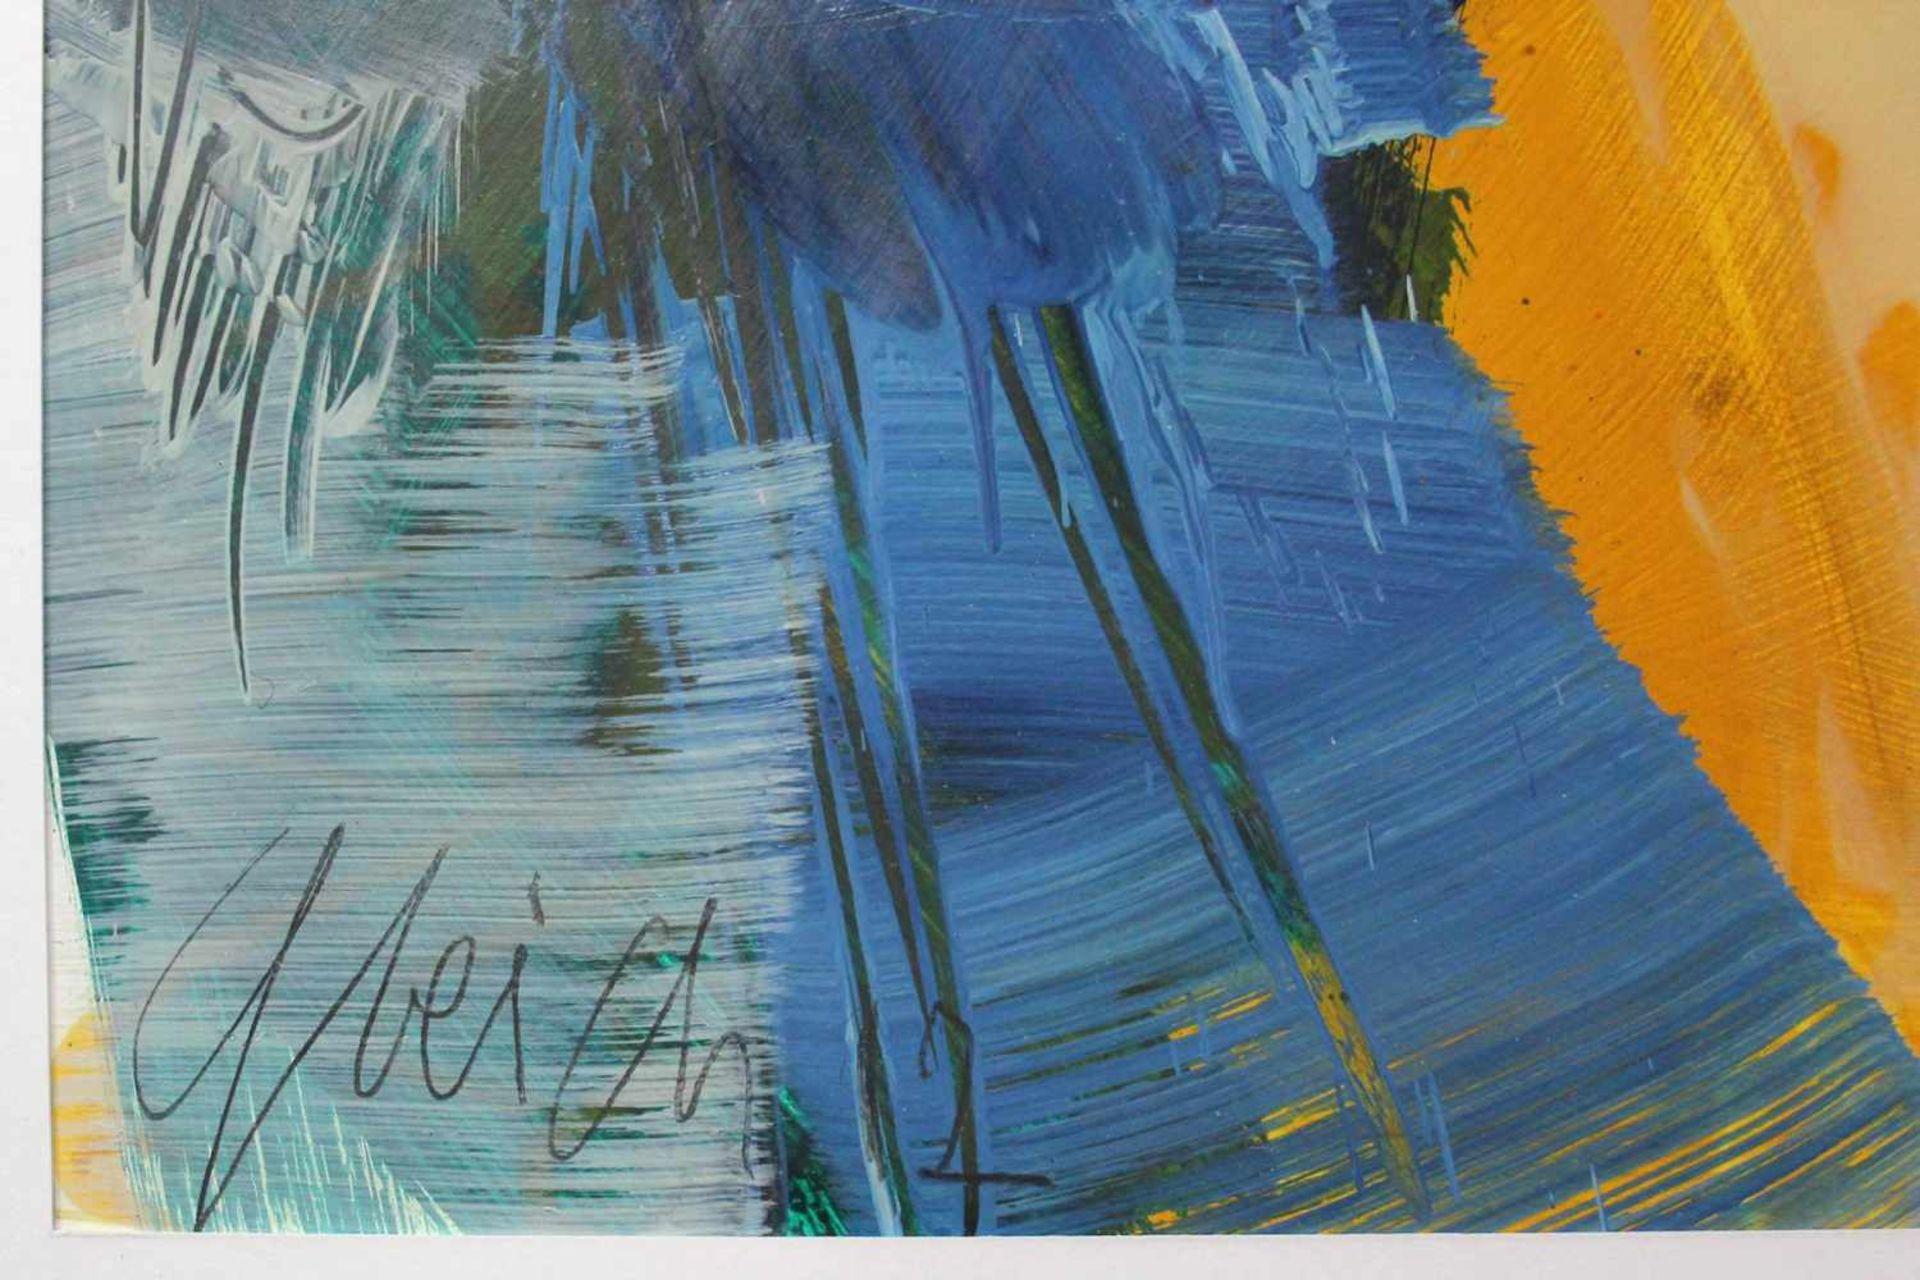 Joanna Gleich geb. 1959 o.T. 2012 Öl auf Papier handsigniert und datiert 95 x 65 cm - Bild 3 aus 3